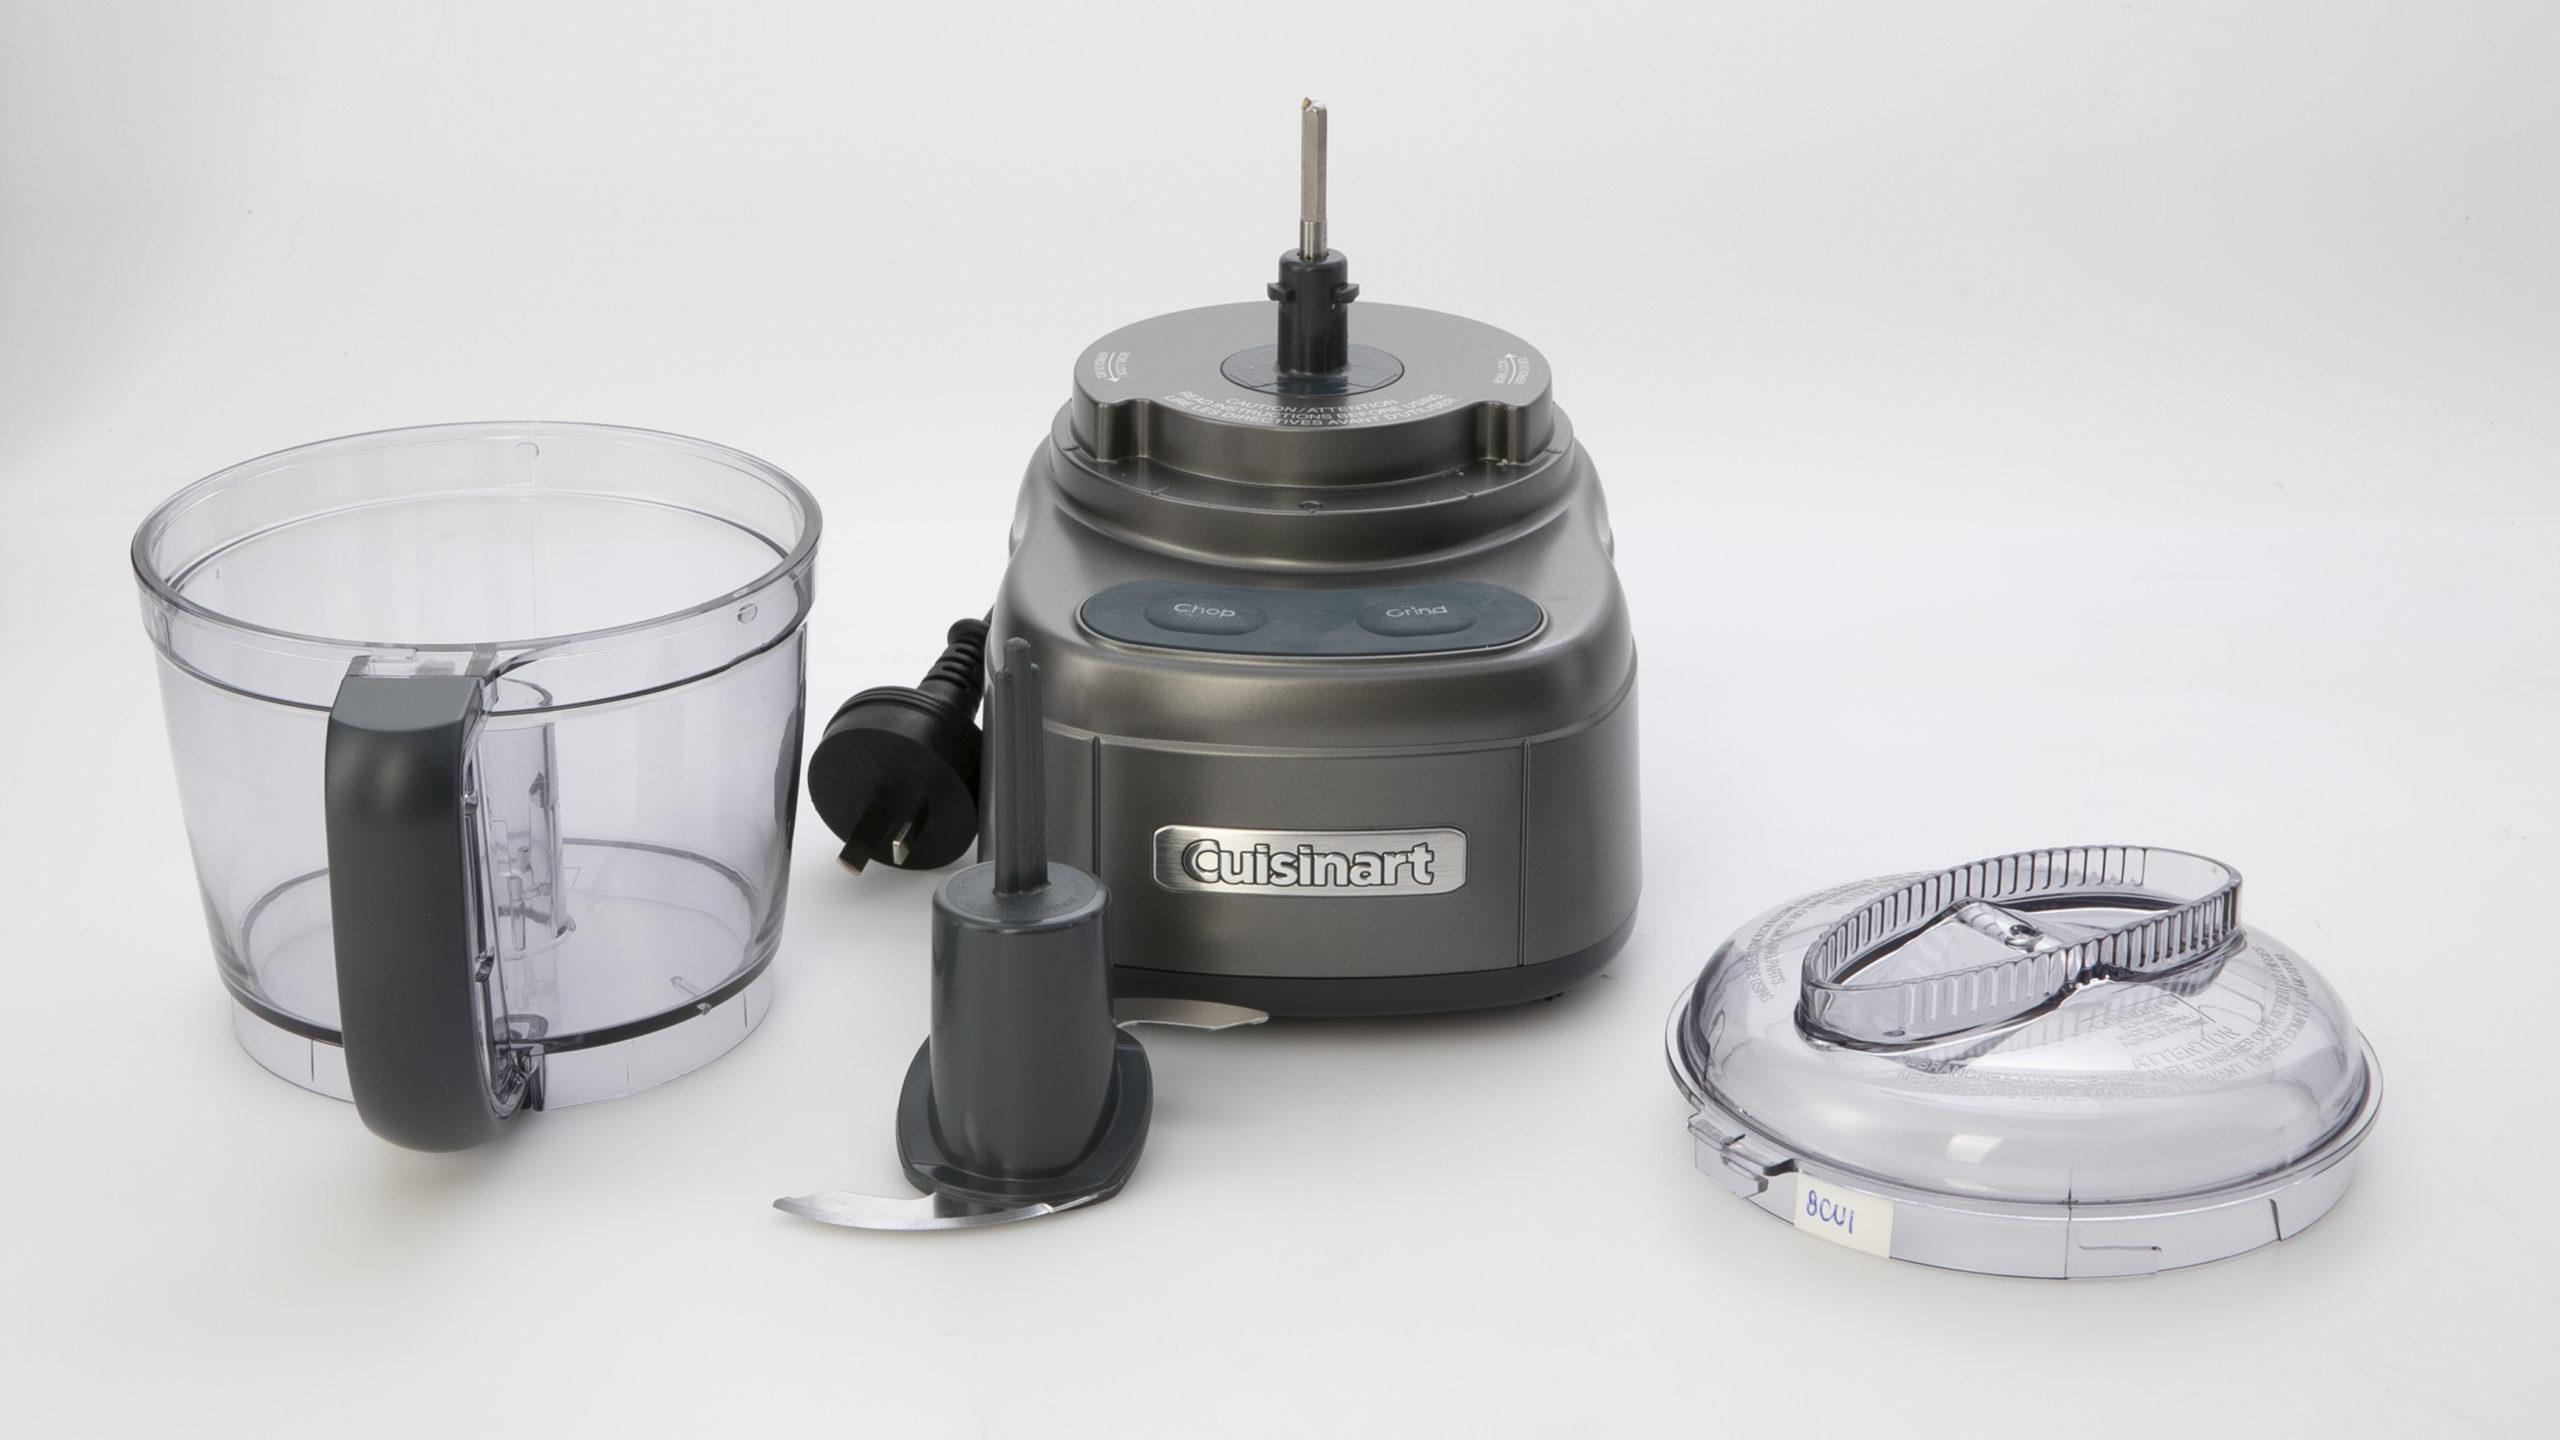 Cuisinart's 14 Cup Food Processor